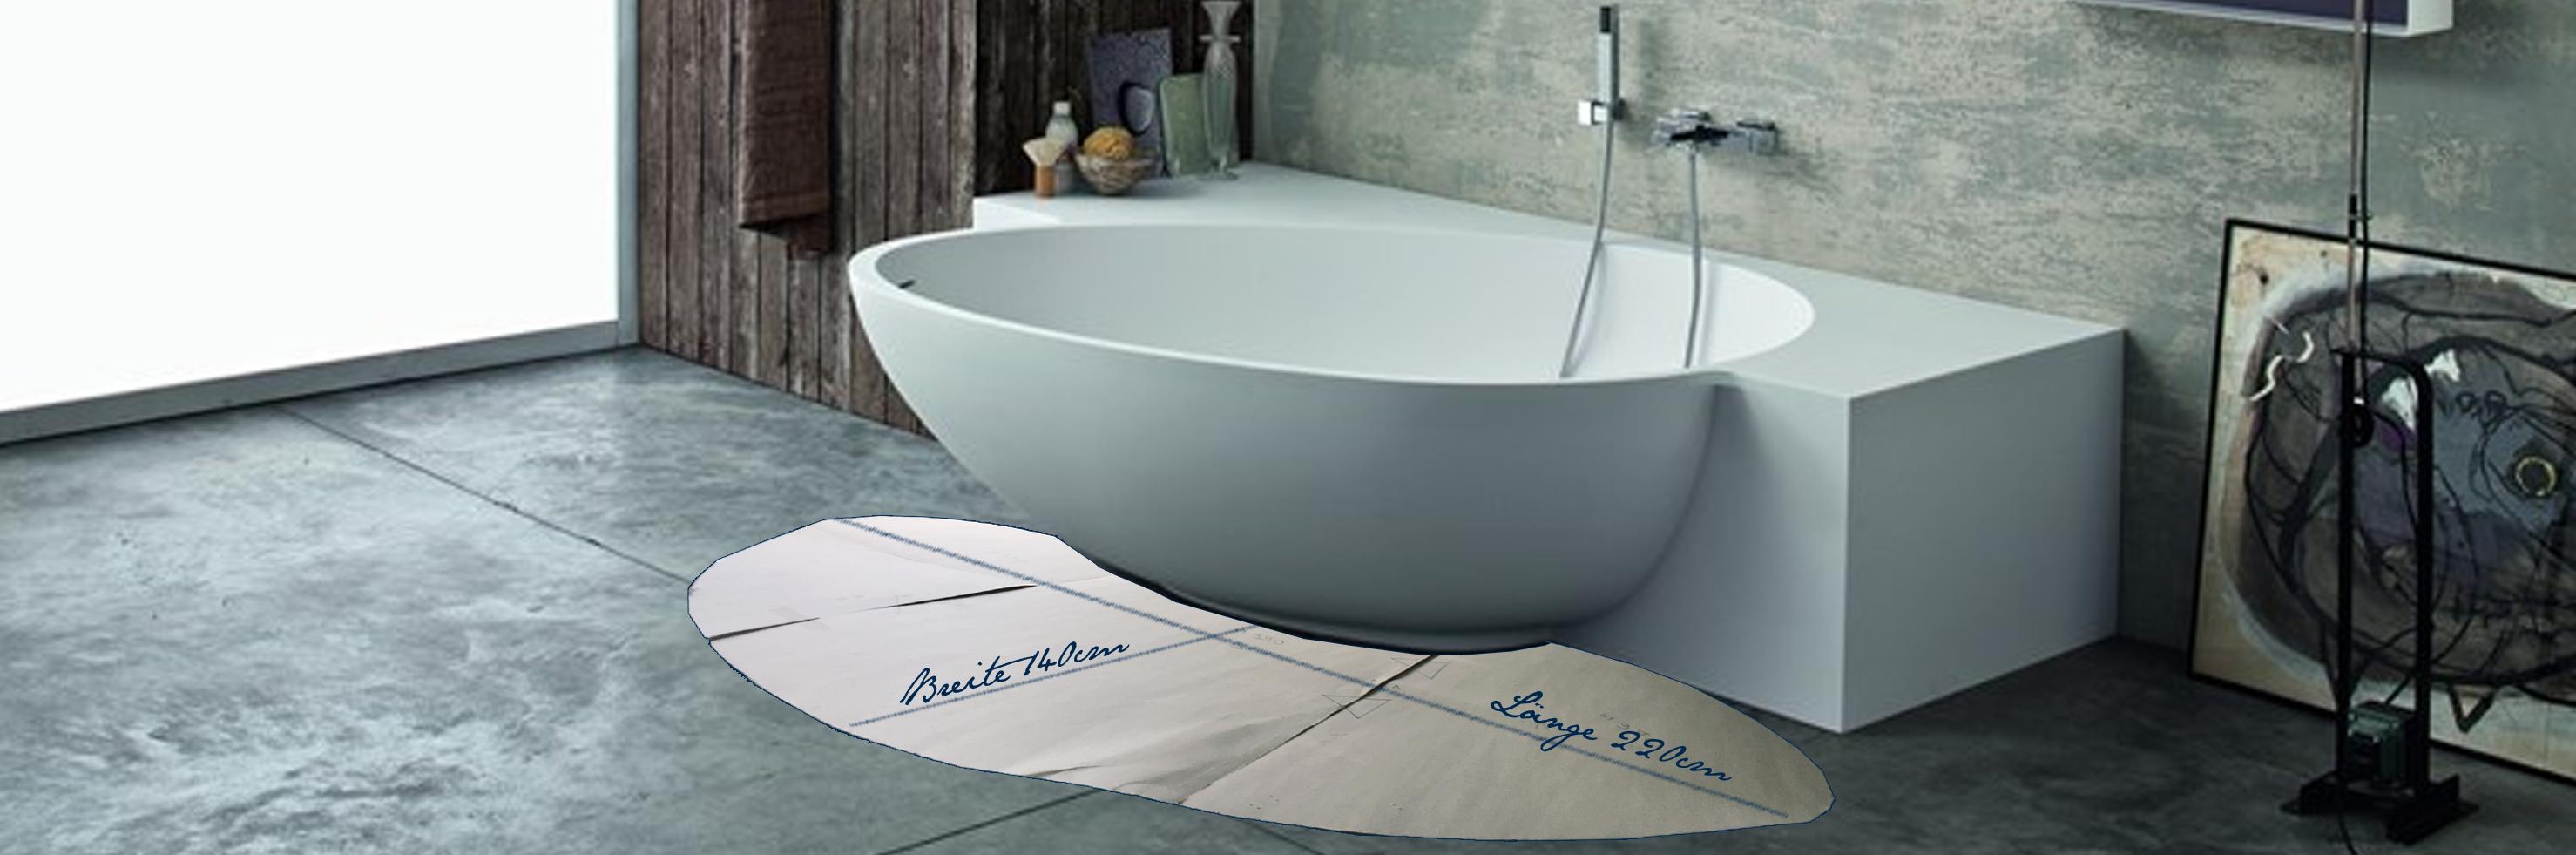 schablonenanfertigung und oder individuelle entw rfe wohn badteppiche nach ma. Black Bedroom Furniture Sets. Home Design Ideas